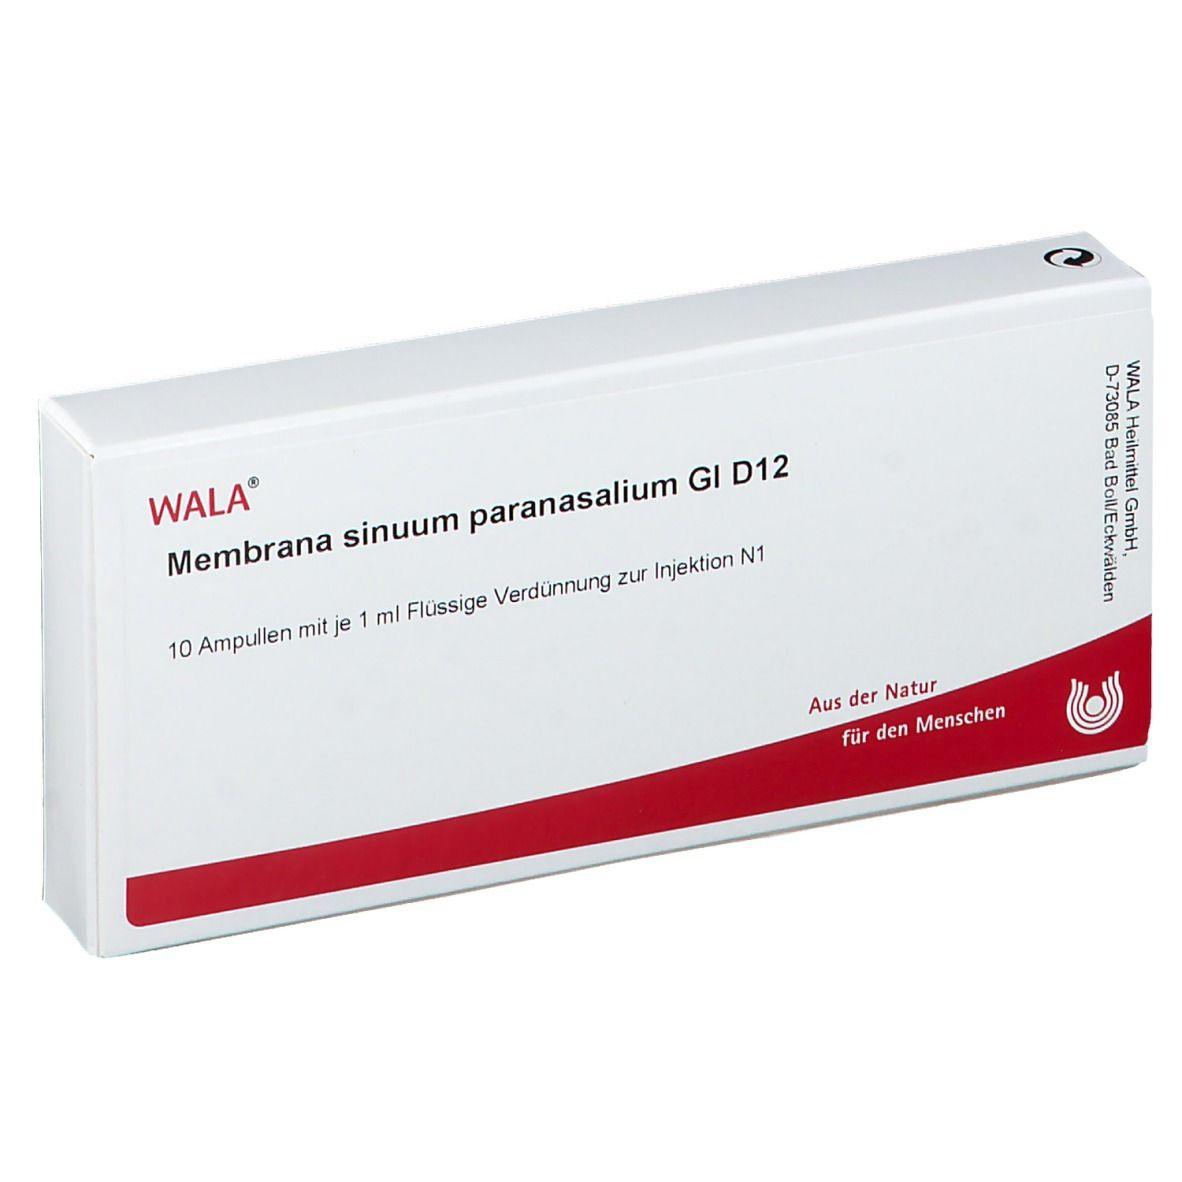 Wala® Membrana sinuum paranasalium Gl D 12